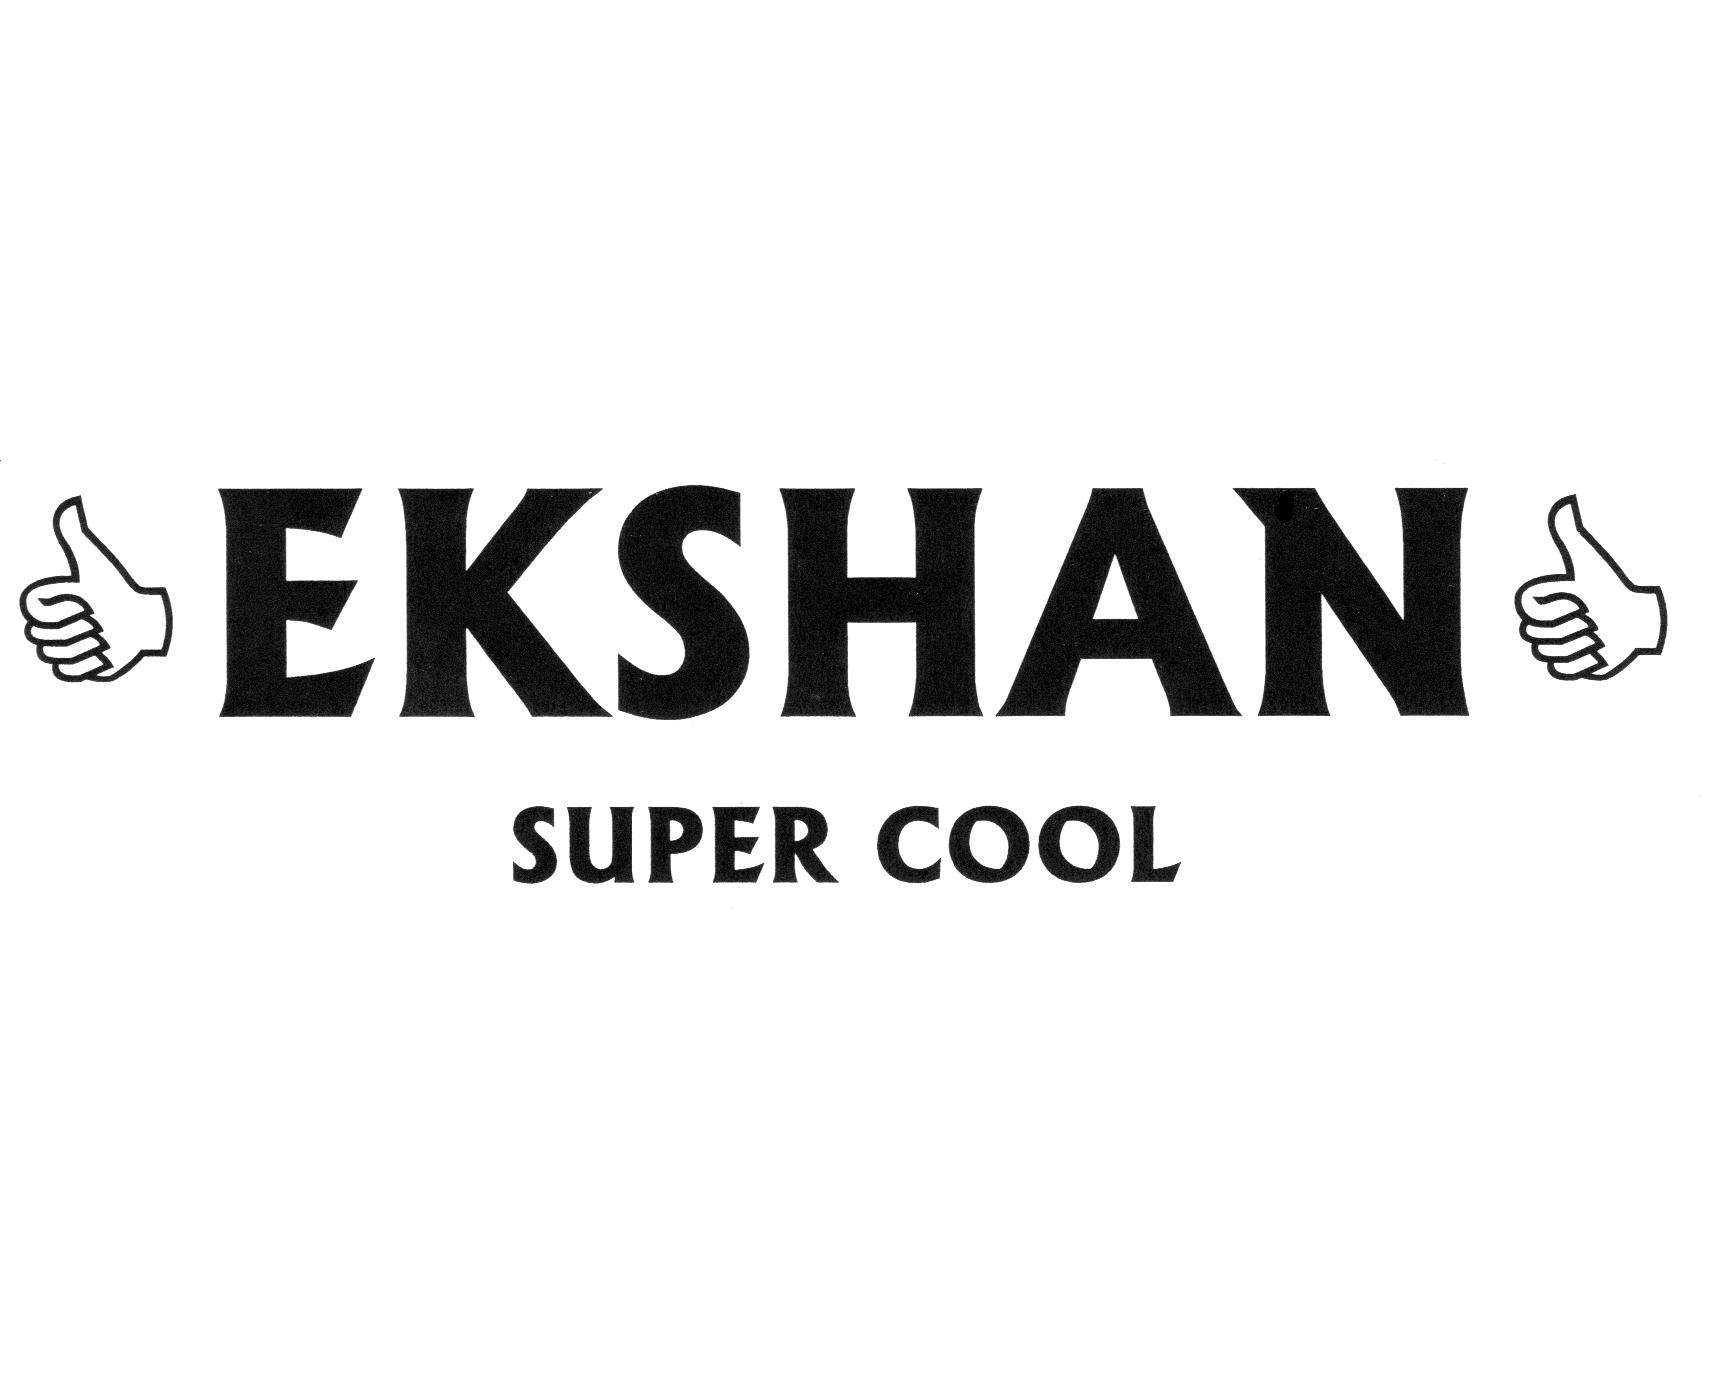 EKSHAN SUPERCOOL 2.jpg